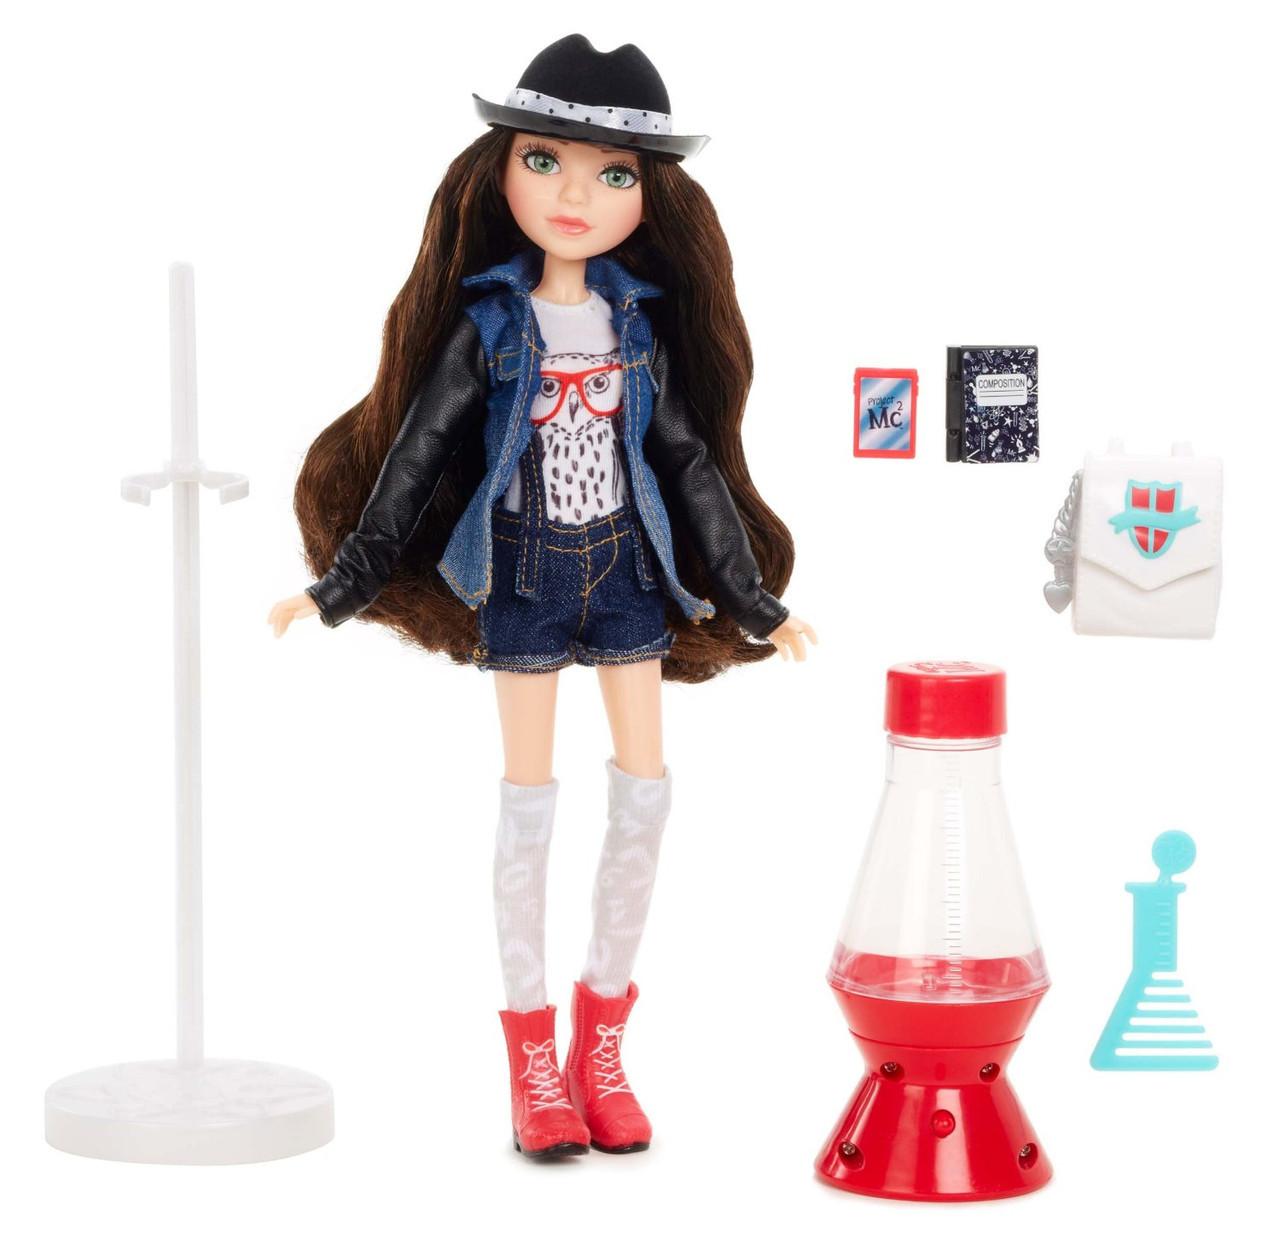 """ОРИГІНАЛ! Лялька Кейла з эксперементом """"Лава Світла"""" - Project Mc2 Doll with Experiment - McKeyla's Lava Light"""